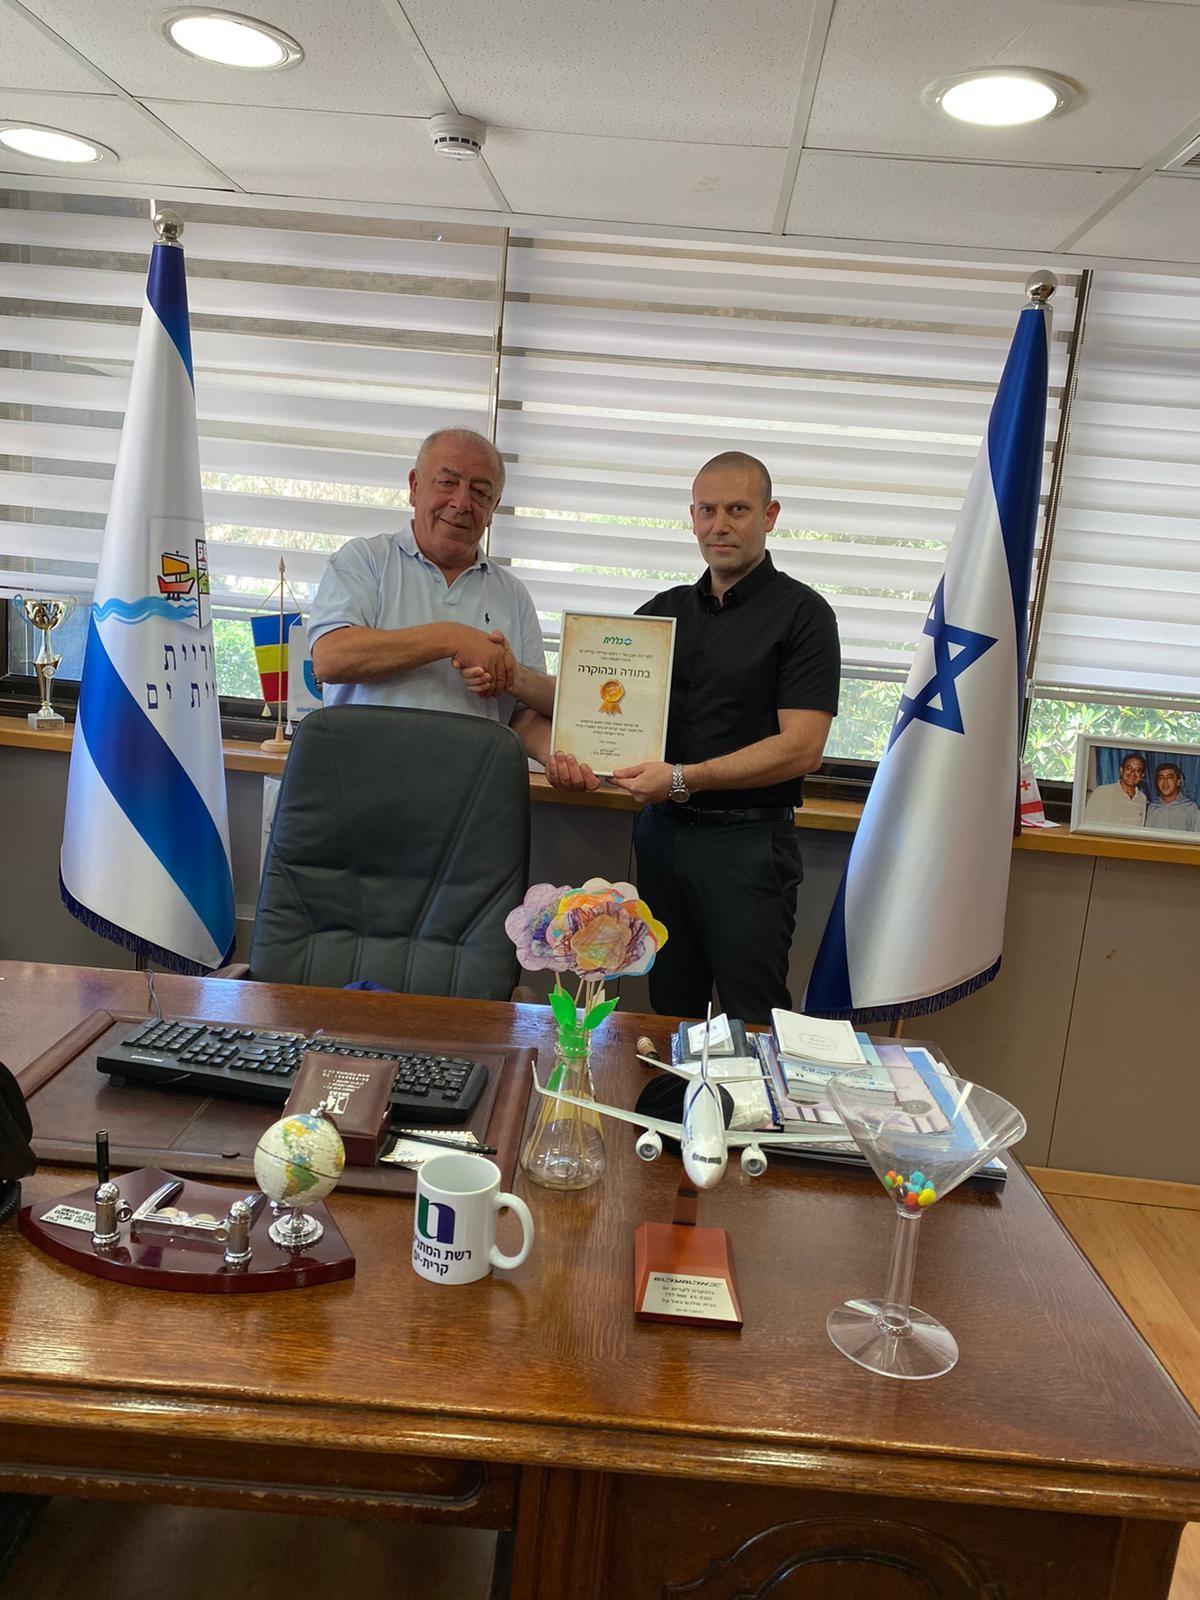 רונן נודלמן מעניק תעודת הוקרה לראש עירית קרית ים, דוד אבן צור | צילום: דוברות כללית